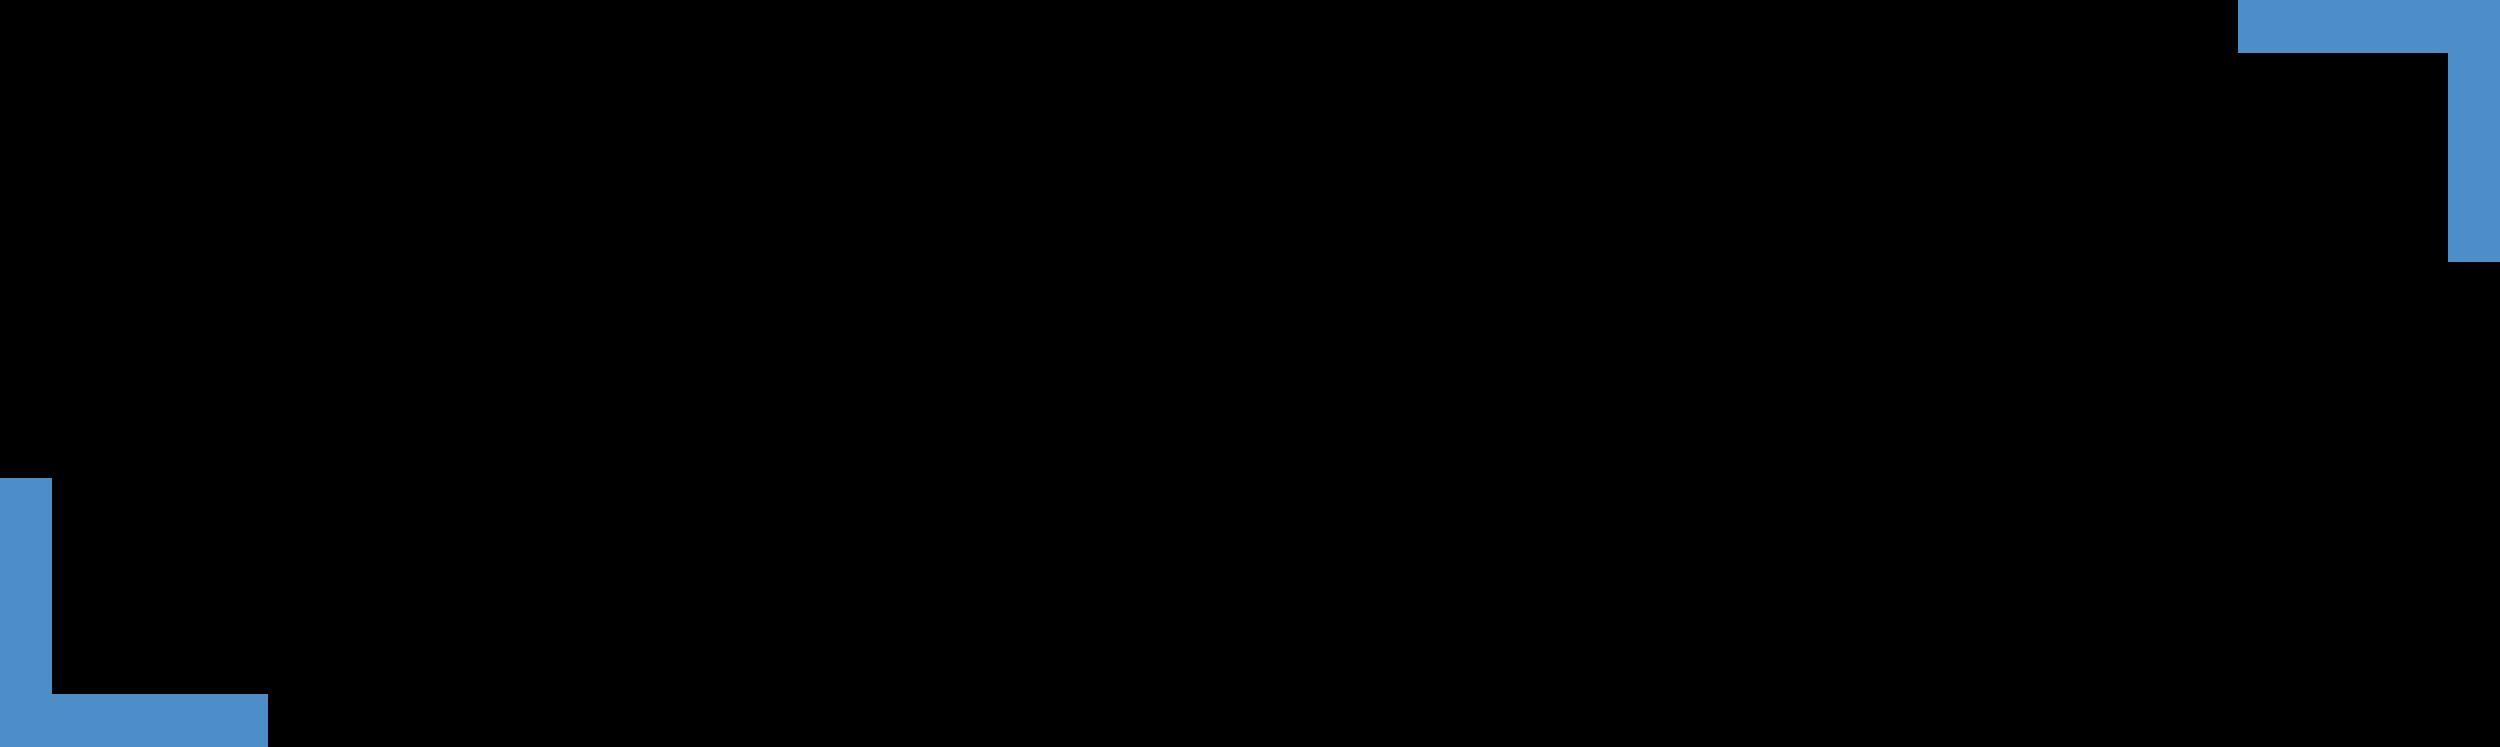 Artsnap Logo 1920x1080.png